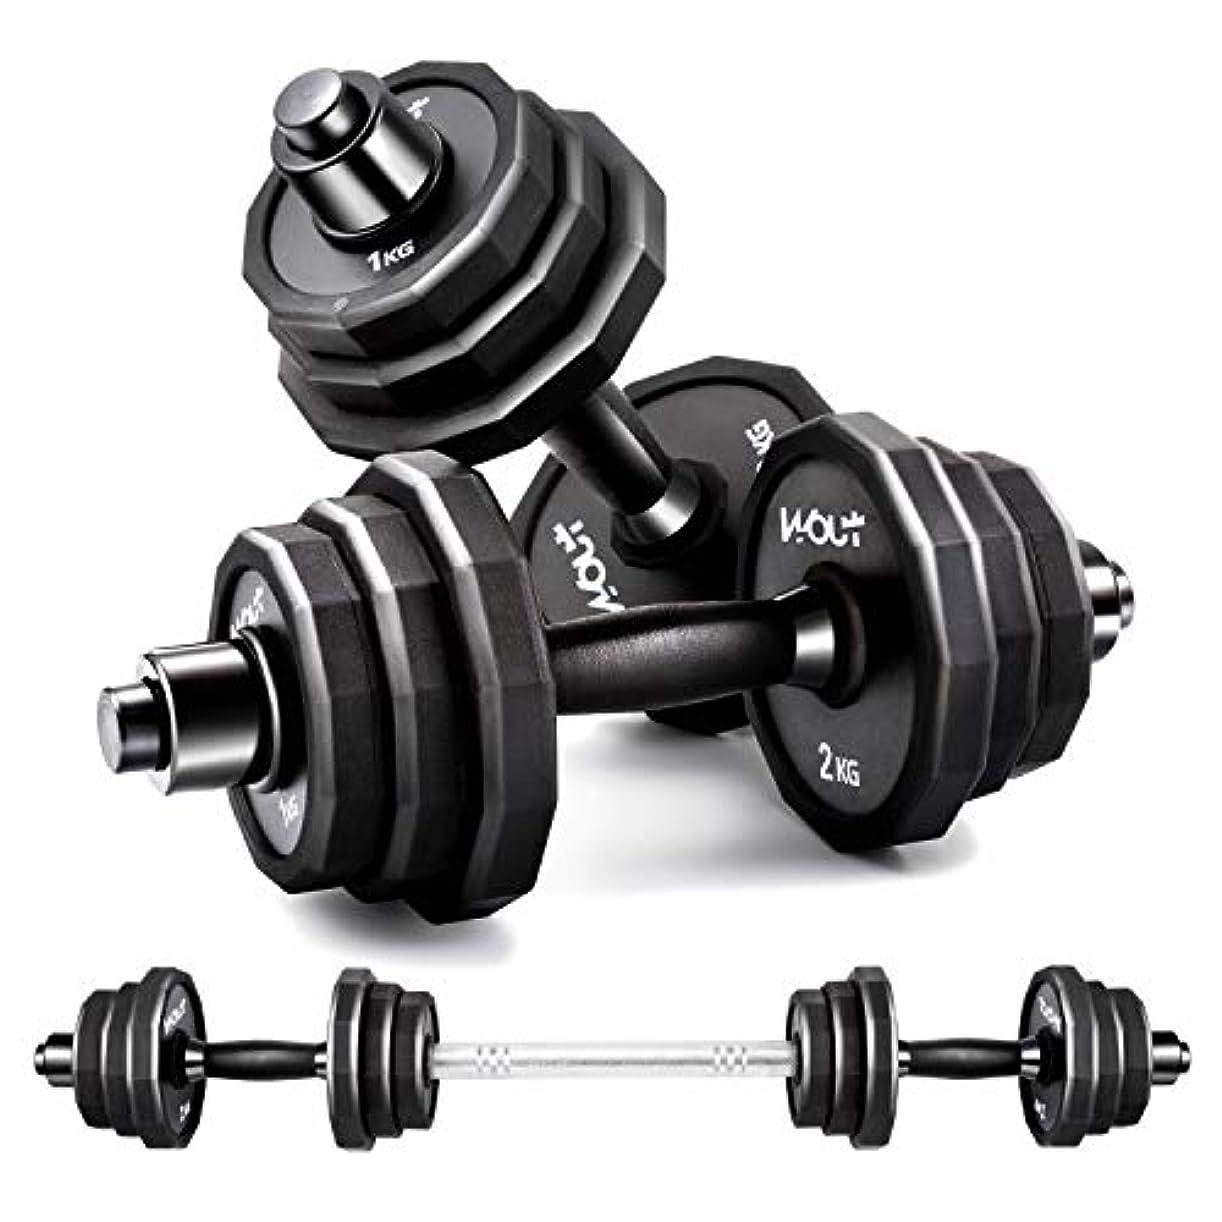 化学女性分解するダンベル 【スチール製】 10kg 15kg 20kg 2個セット (Wout) バーベル 鉄アレイ 筋トレ ウェイトトレーニング